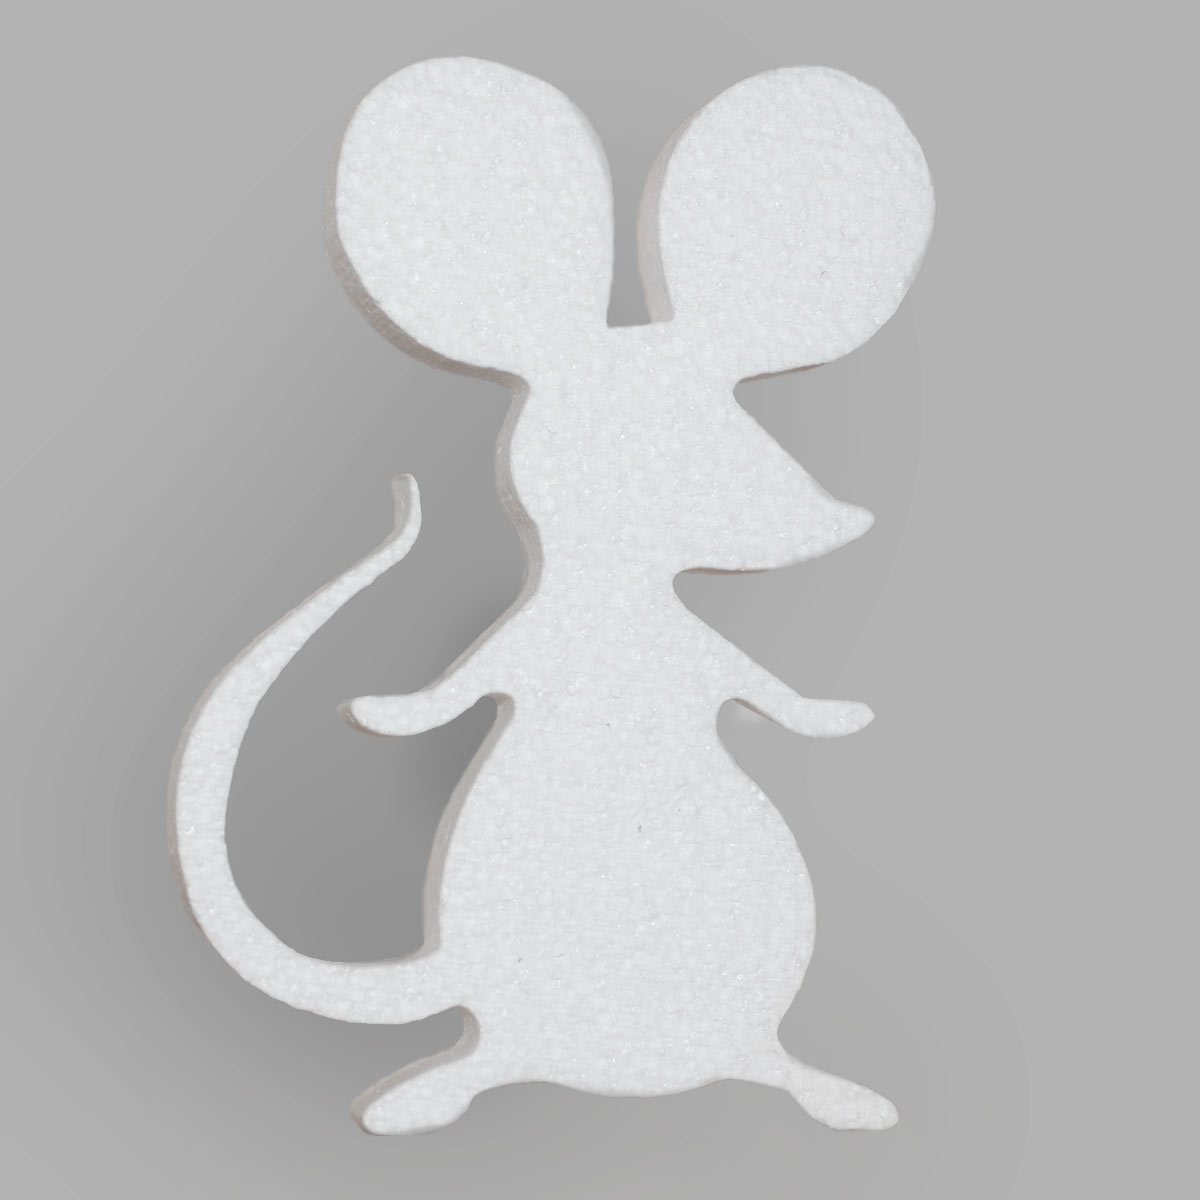 мышь из пенопласта - символ года.